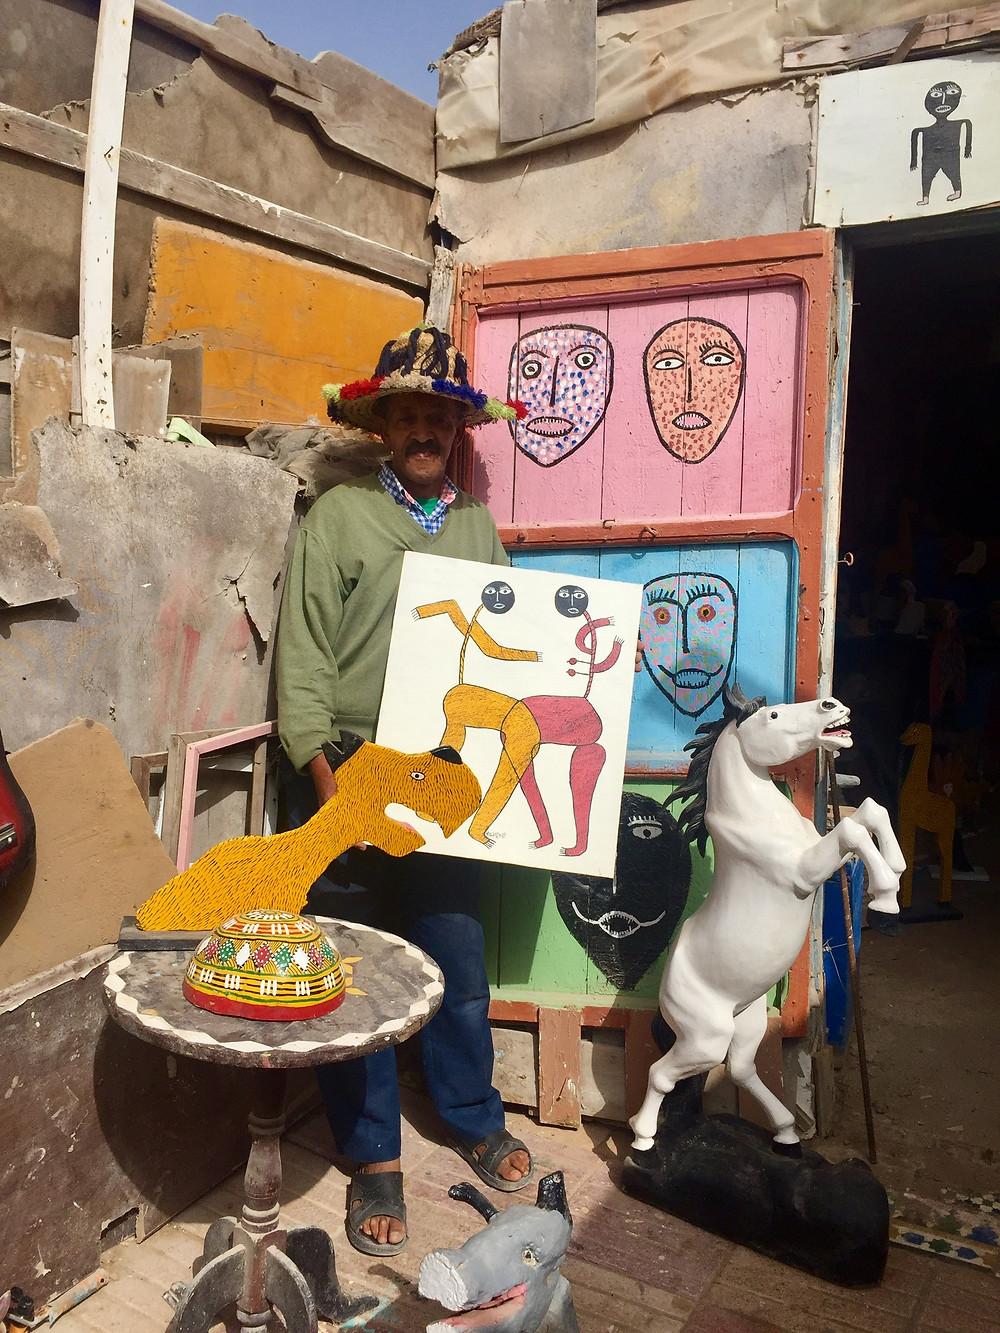 Azzddinn Nassik / la joutia Essaouira / le consulat essaouira